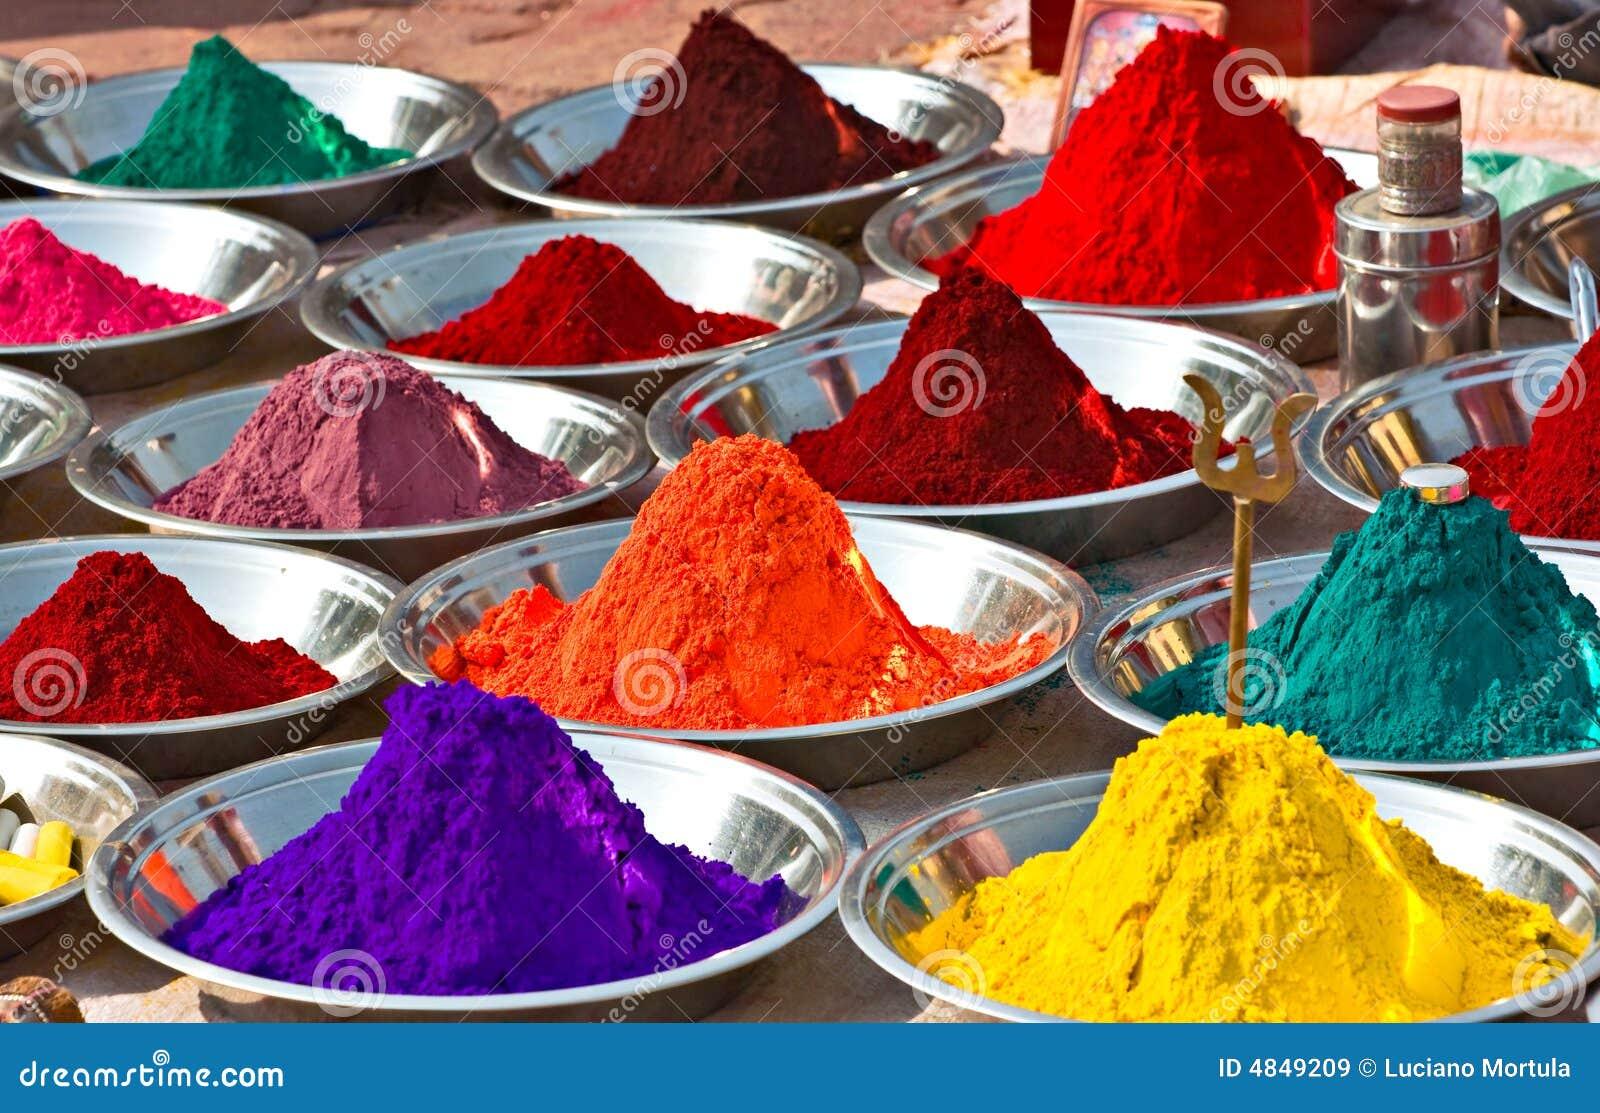 Kleuren, India.